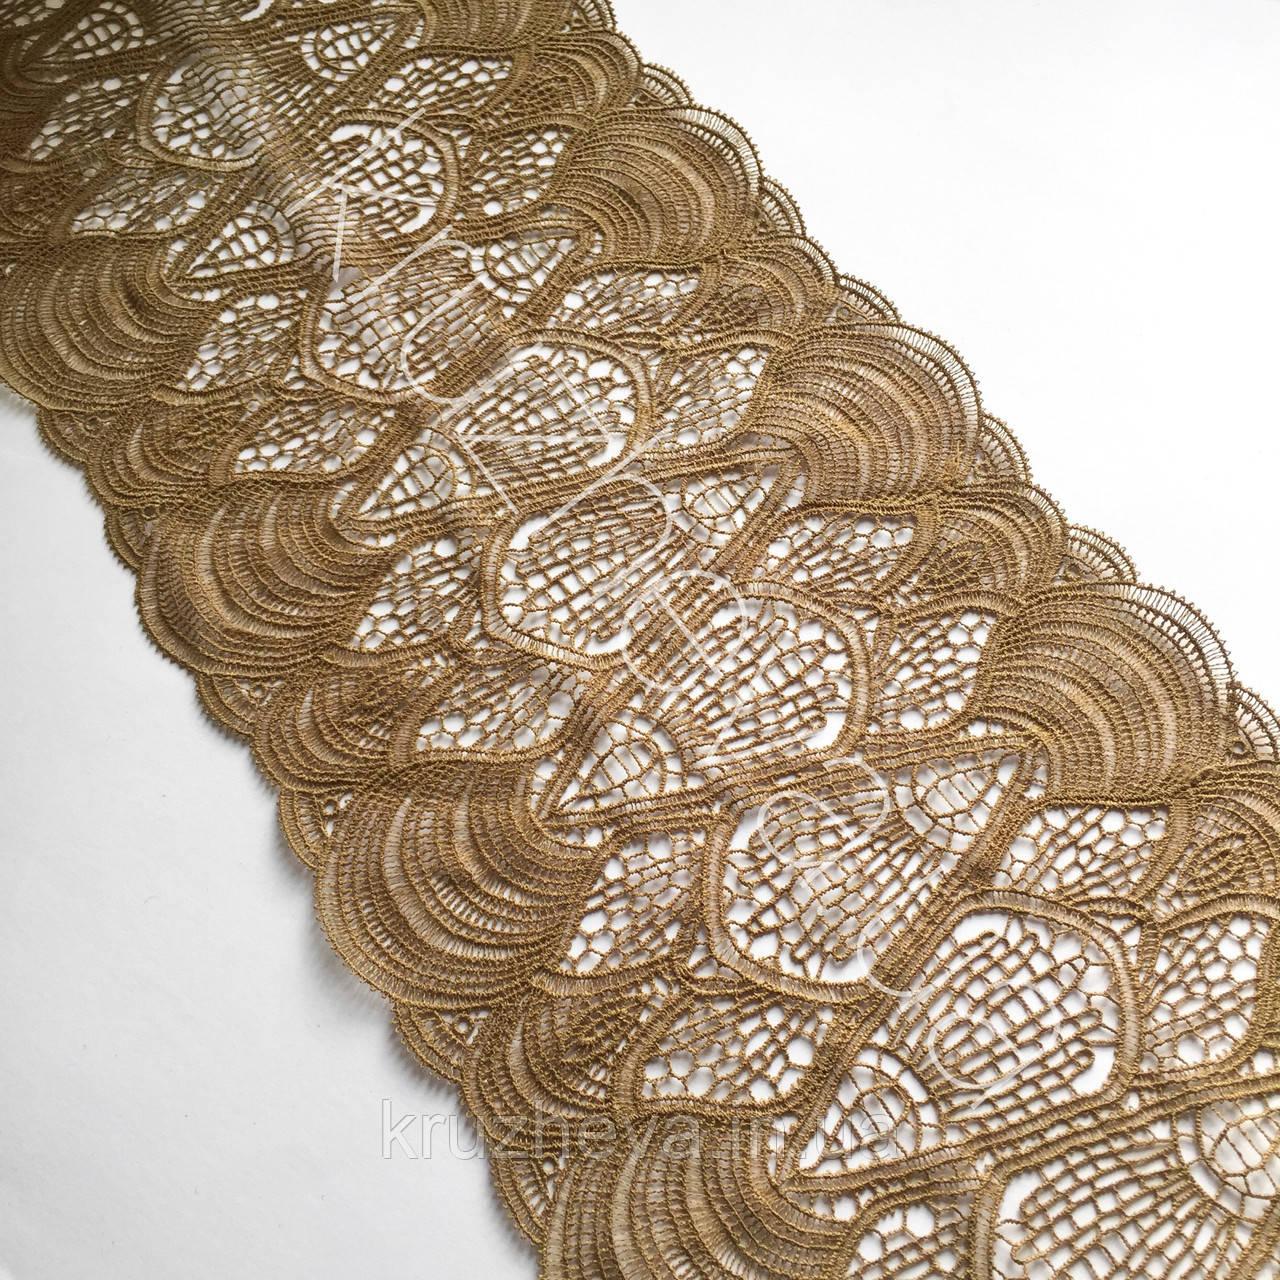 Кружево макраме светло-коричневого цвета, ширина 19 см.